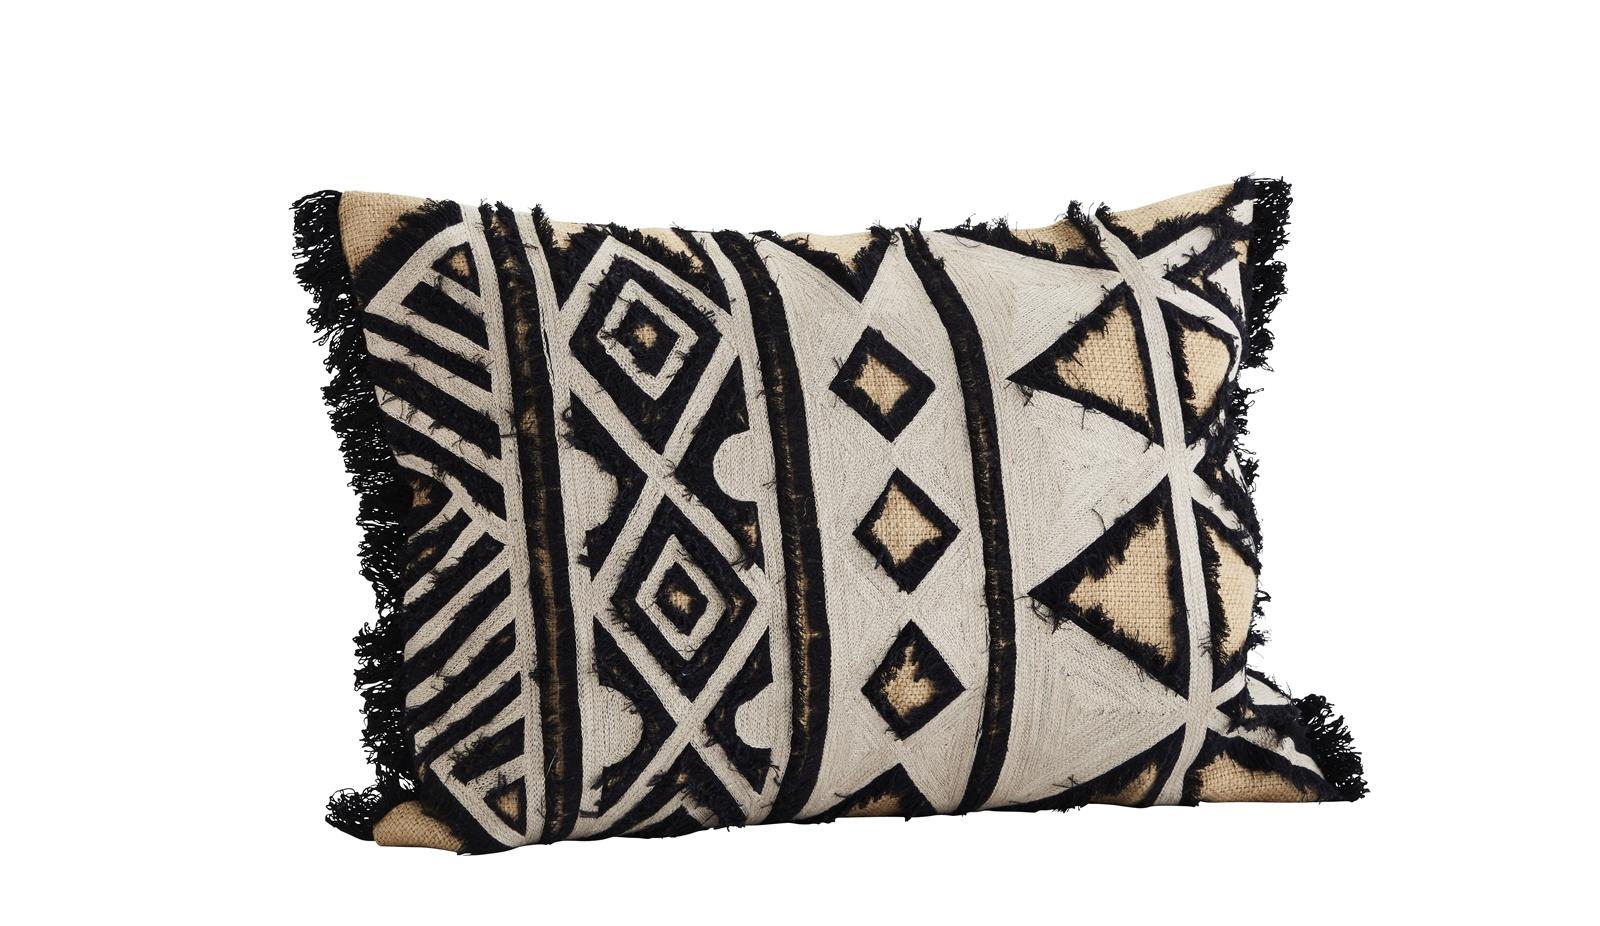 Madam-Stoltz-Kissenbezug-bestickt-Aztekisches-Muster-Ethnobd7hOibpTjZBZ